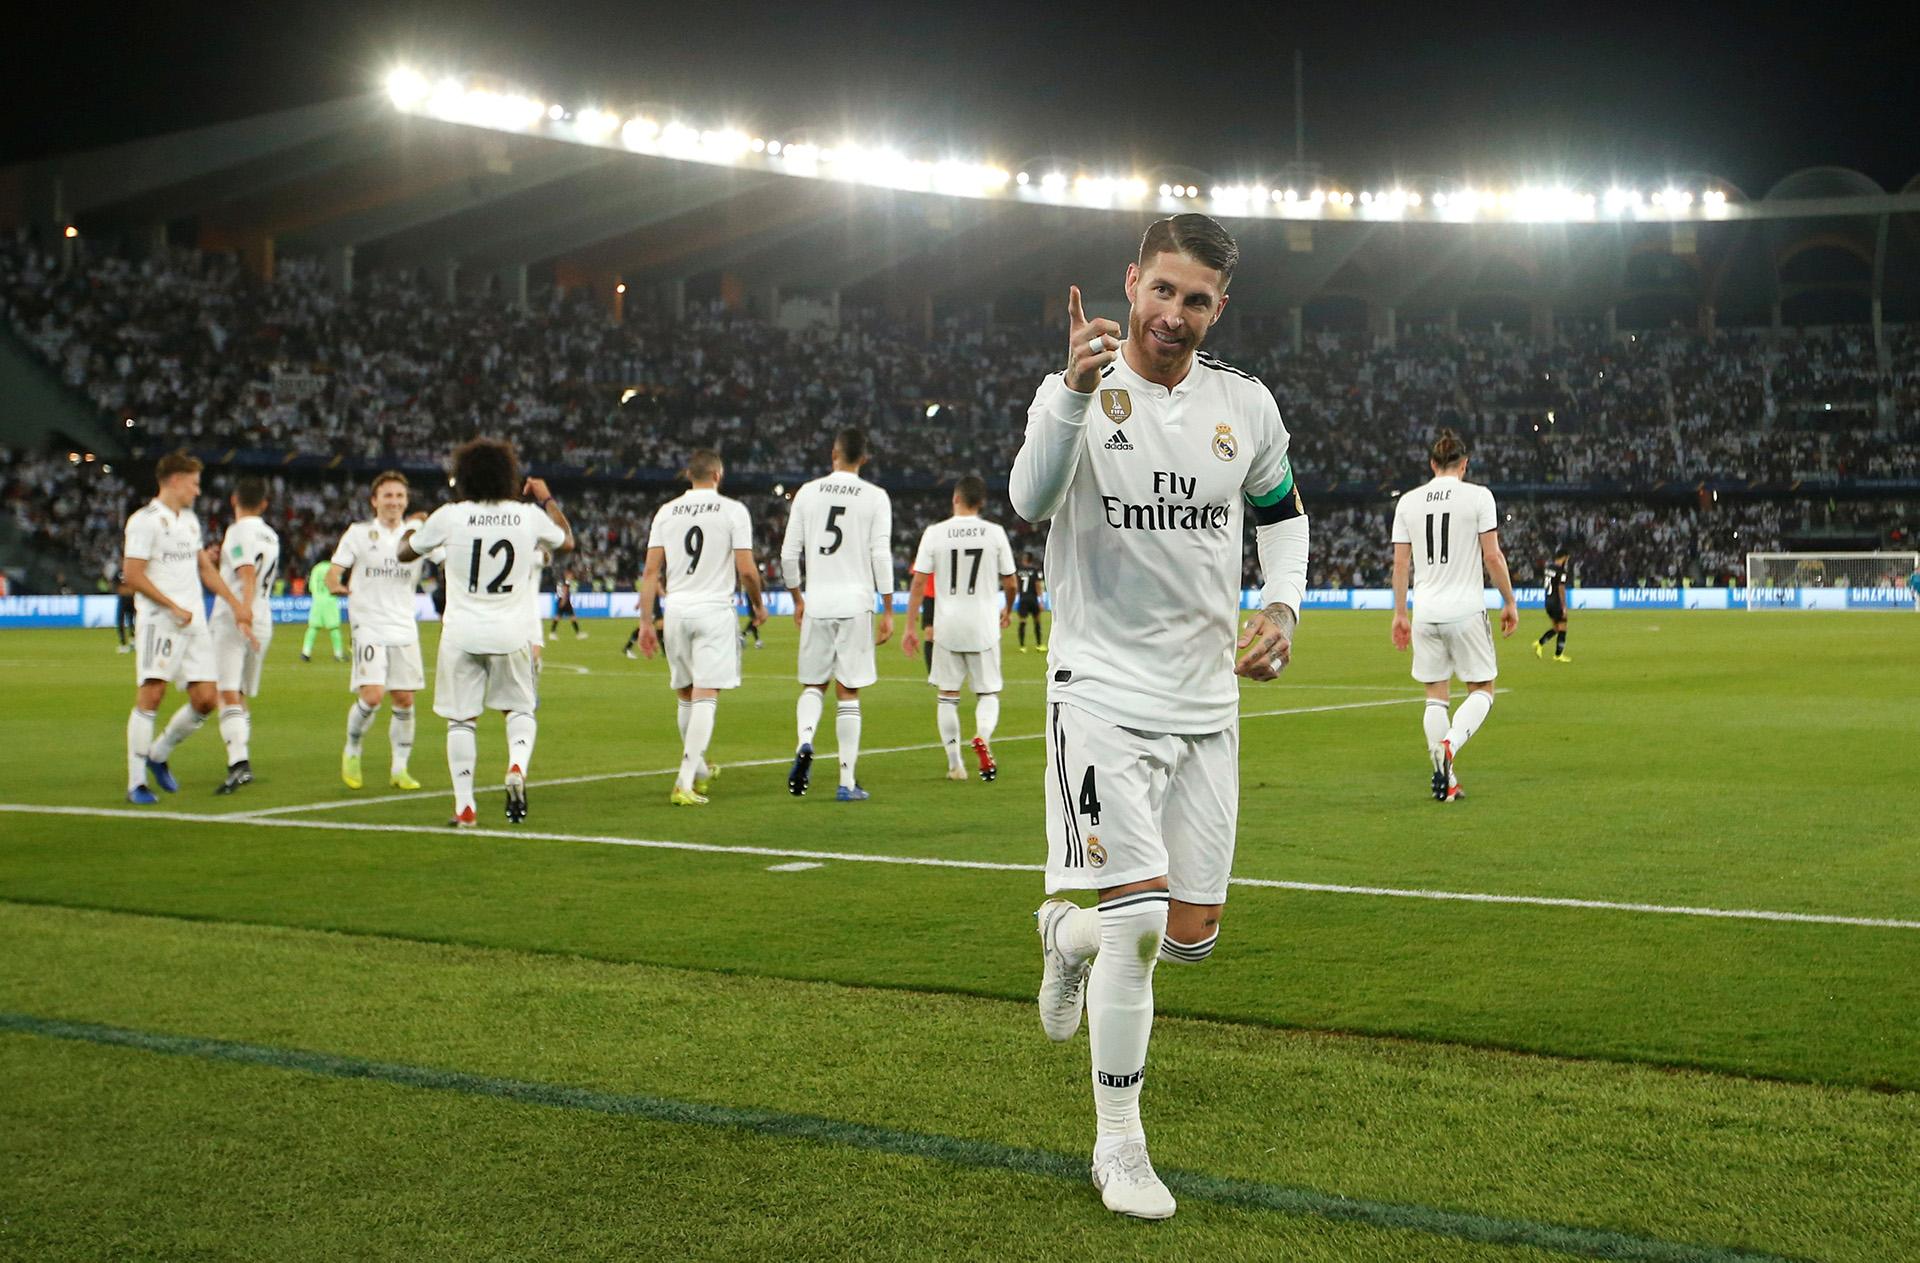 Bale recibió el Balón de Oro de la competición por delante del brasileño Caio